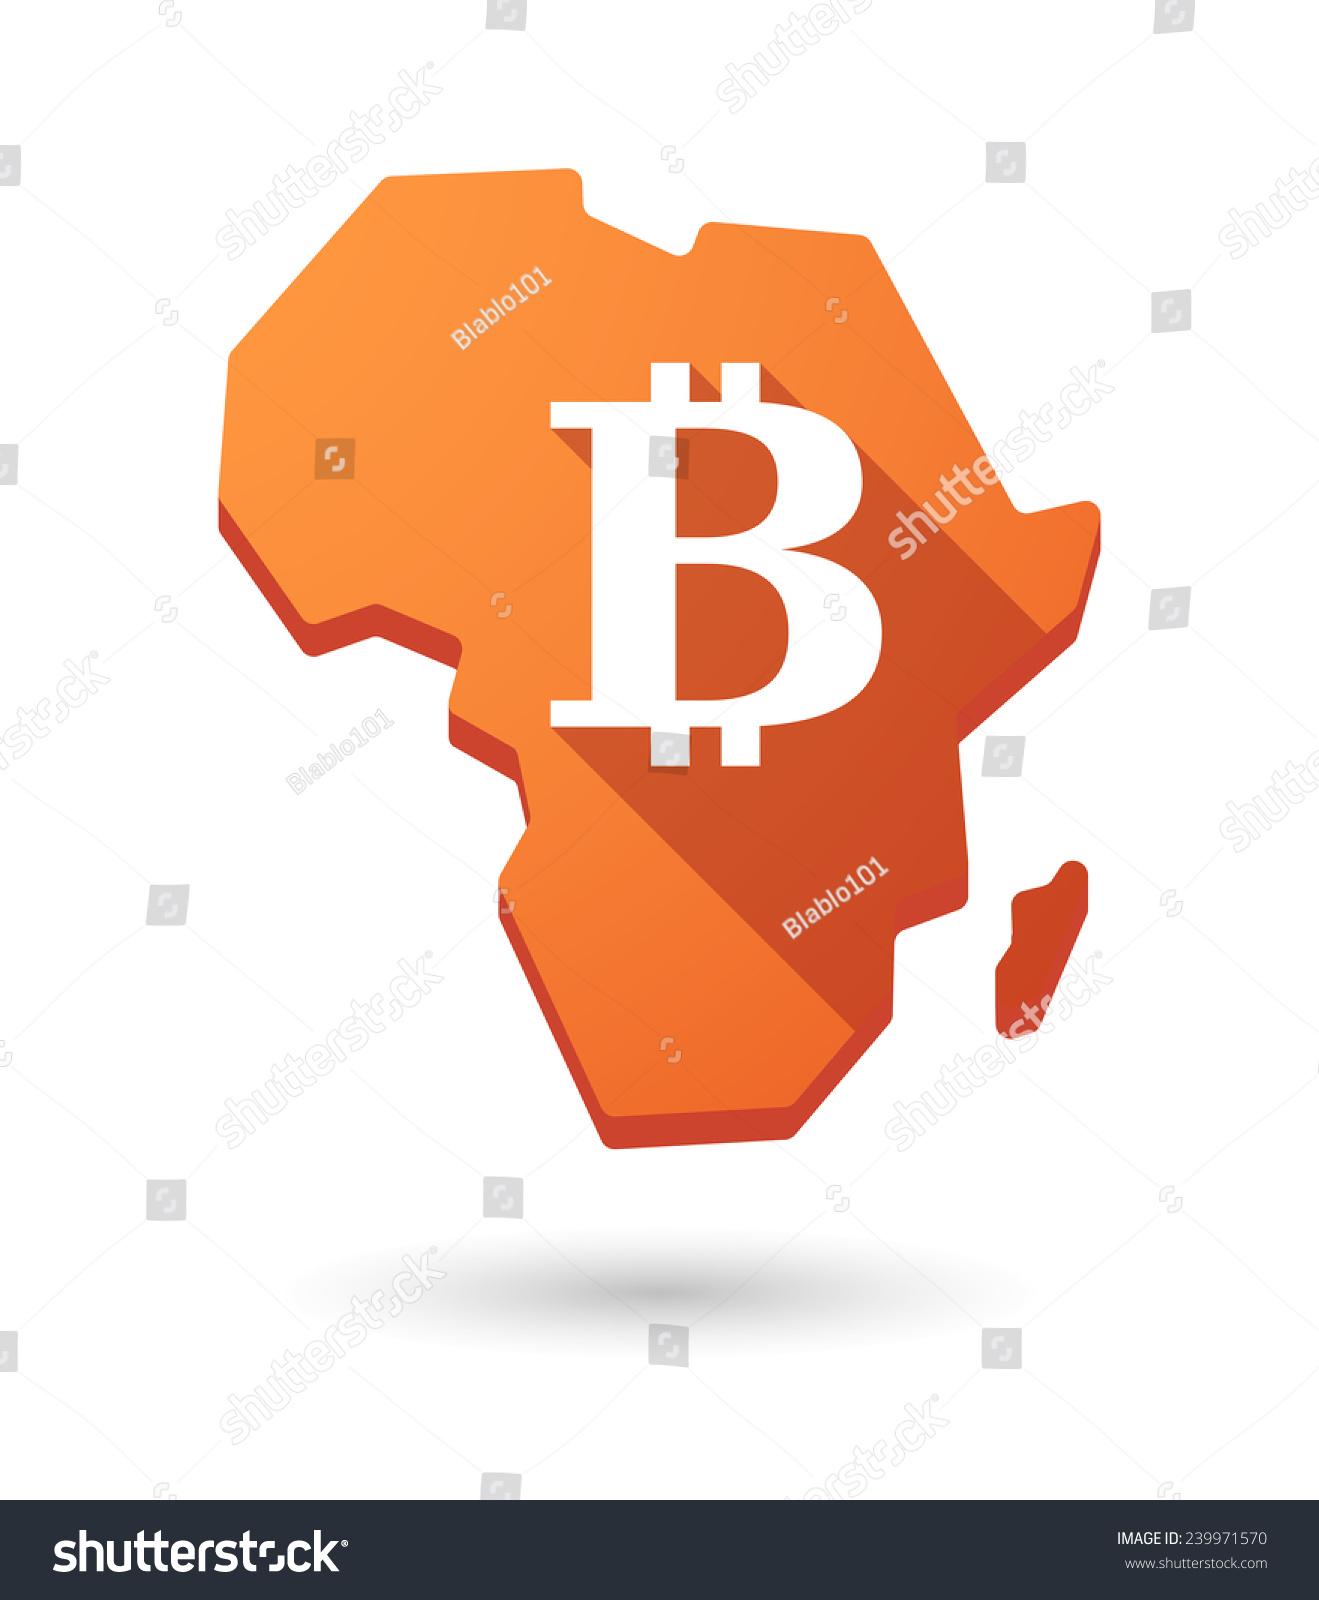 孤立的非洲大陆地图图标与货币符号-符号/标志-海洛()